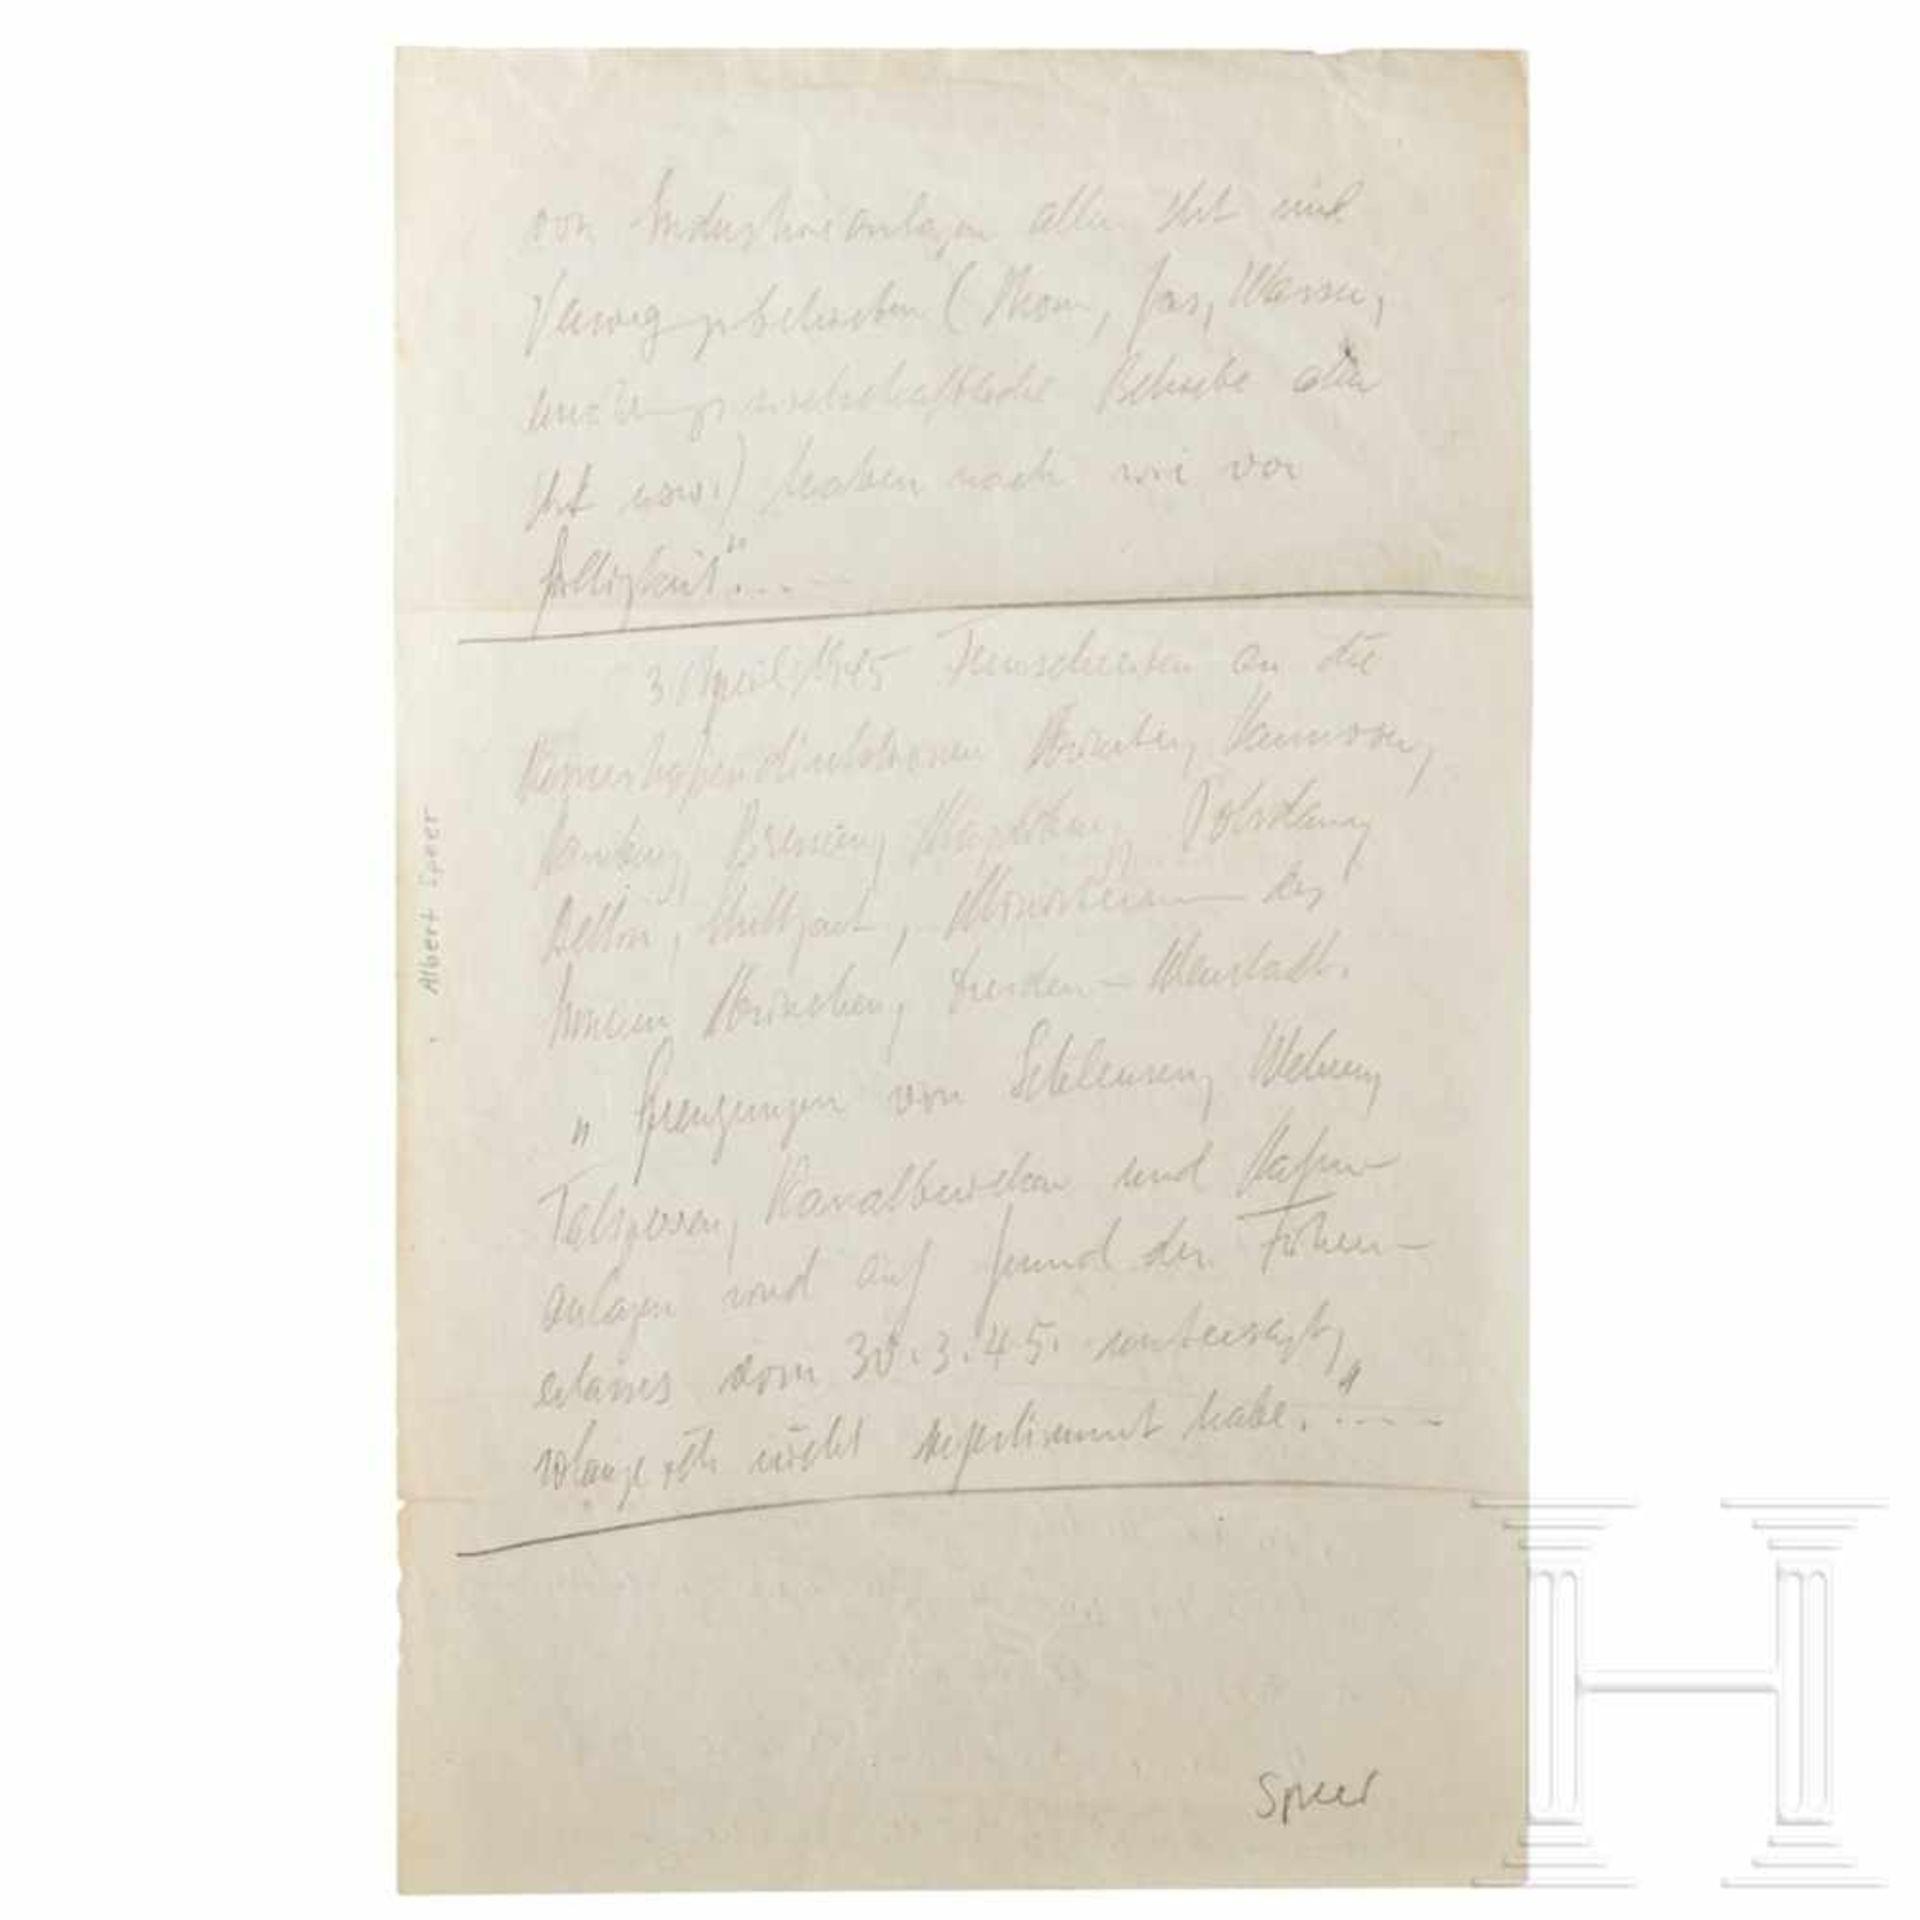 """Los 6009 - Albert Speer - Auflistung seiner Gegenmaßnahmen gegen Hitlers """"Nero-Befehl"""" (19.3.1945) im"""